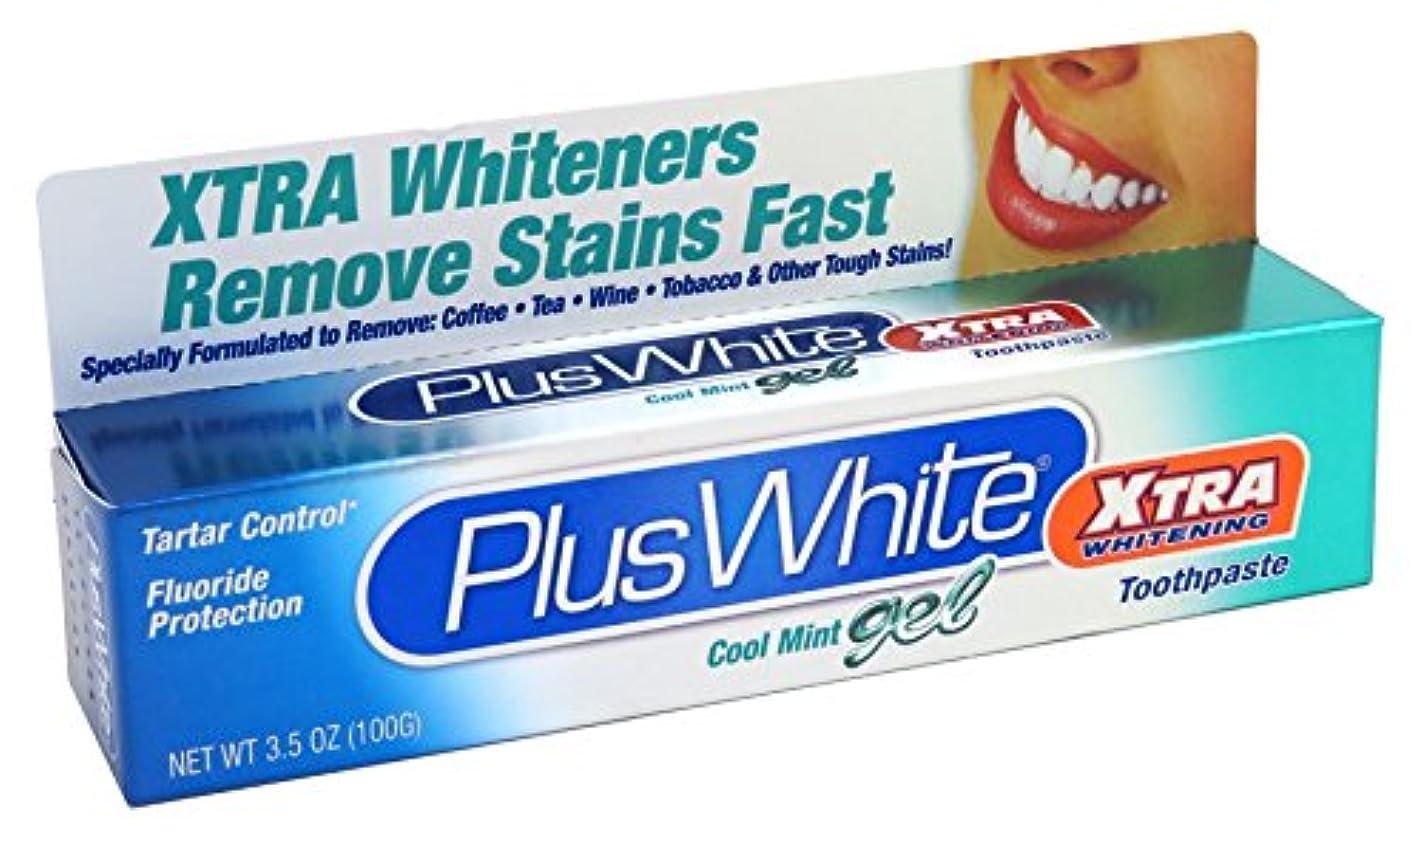 踏み台血まみれ森林強力ホワイトニング歯磨きミントジェル 104ml (並行輸入品)